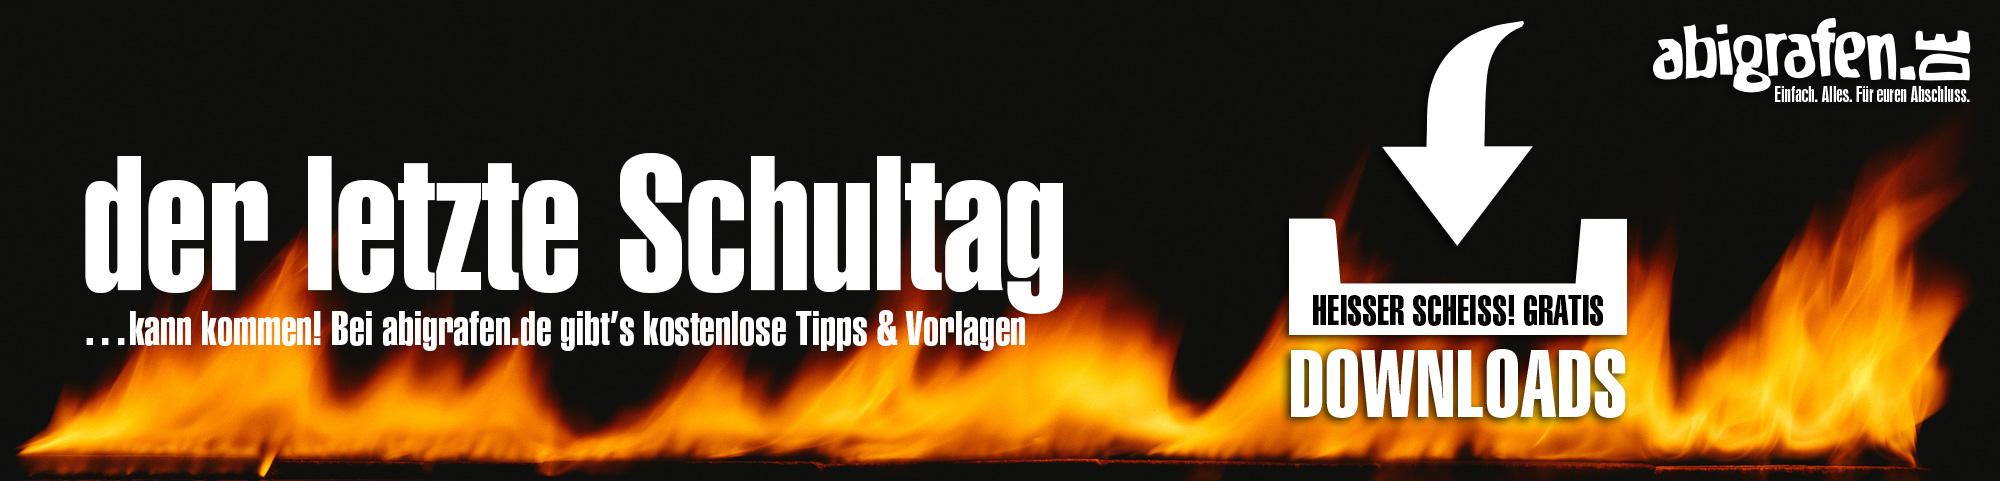 Abistreich Downloads kostenlos - abigrafen.de